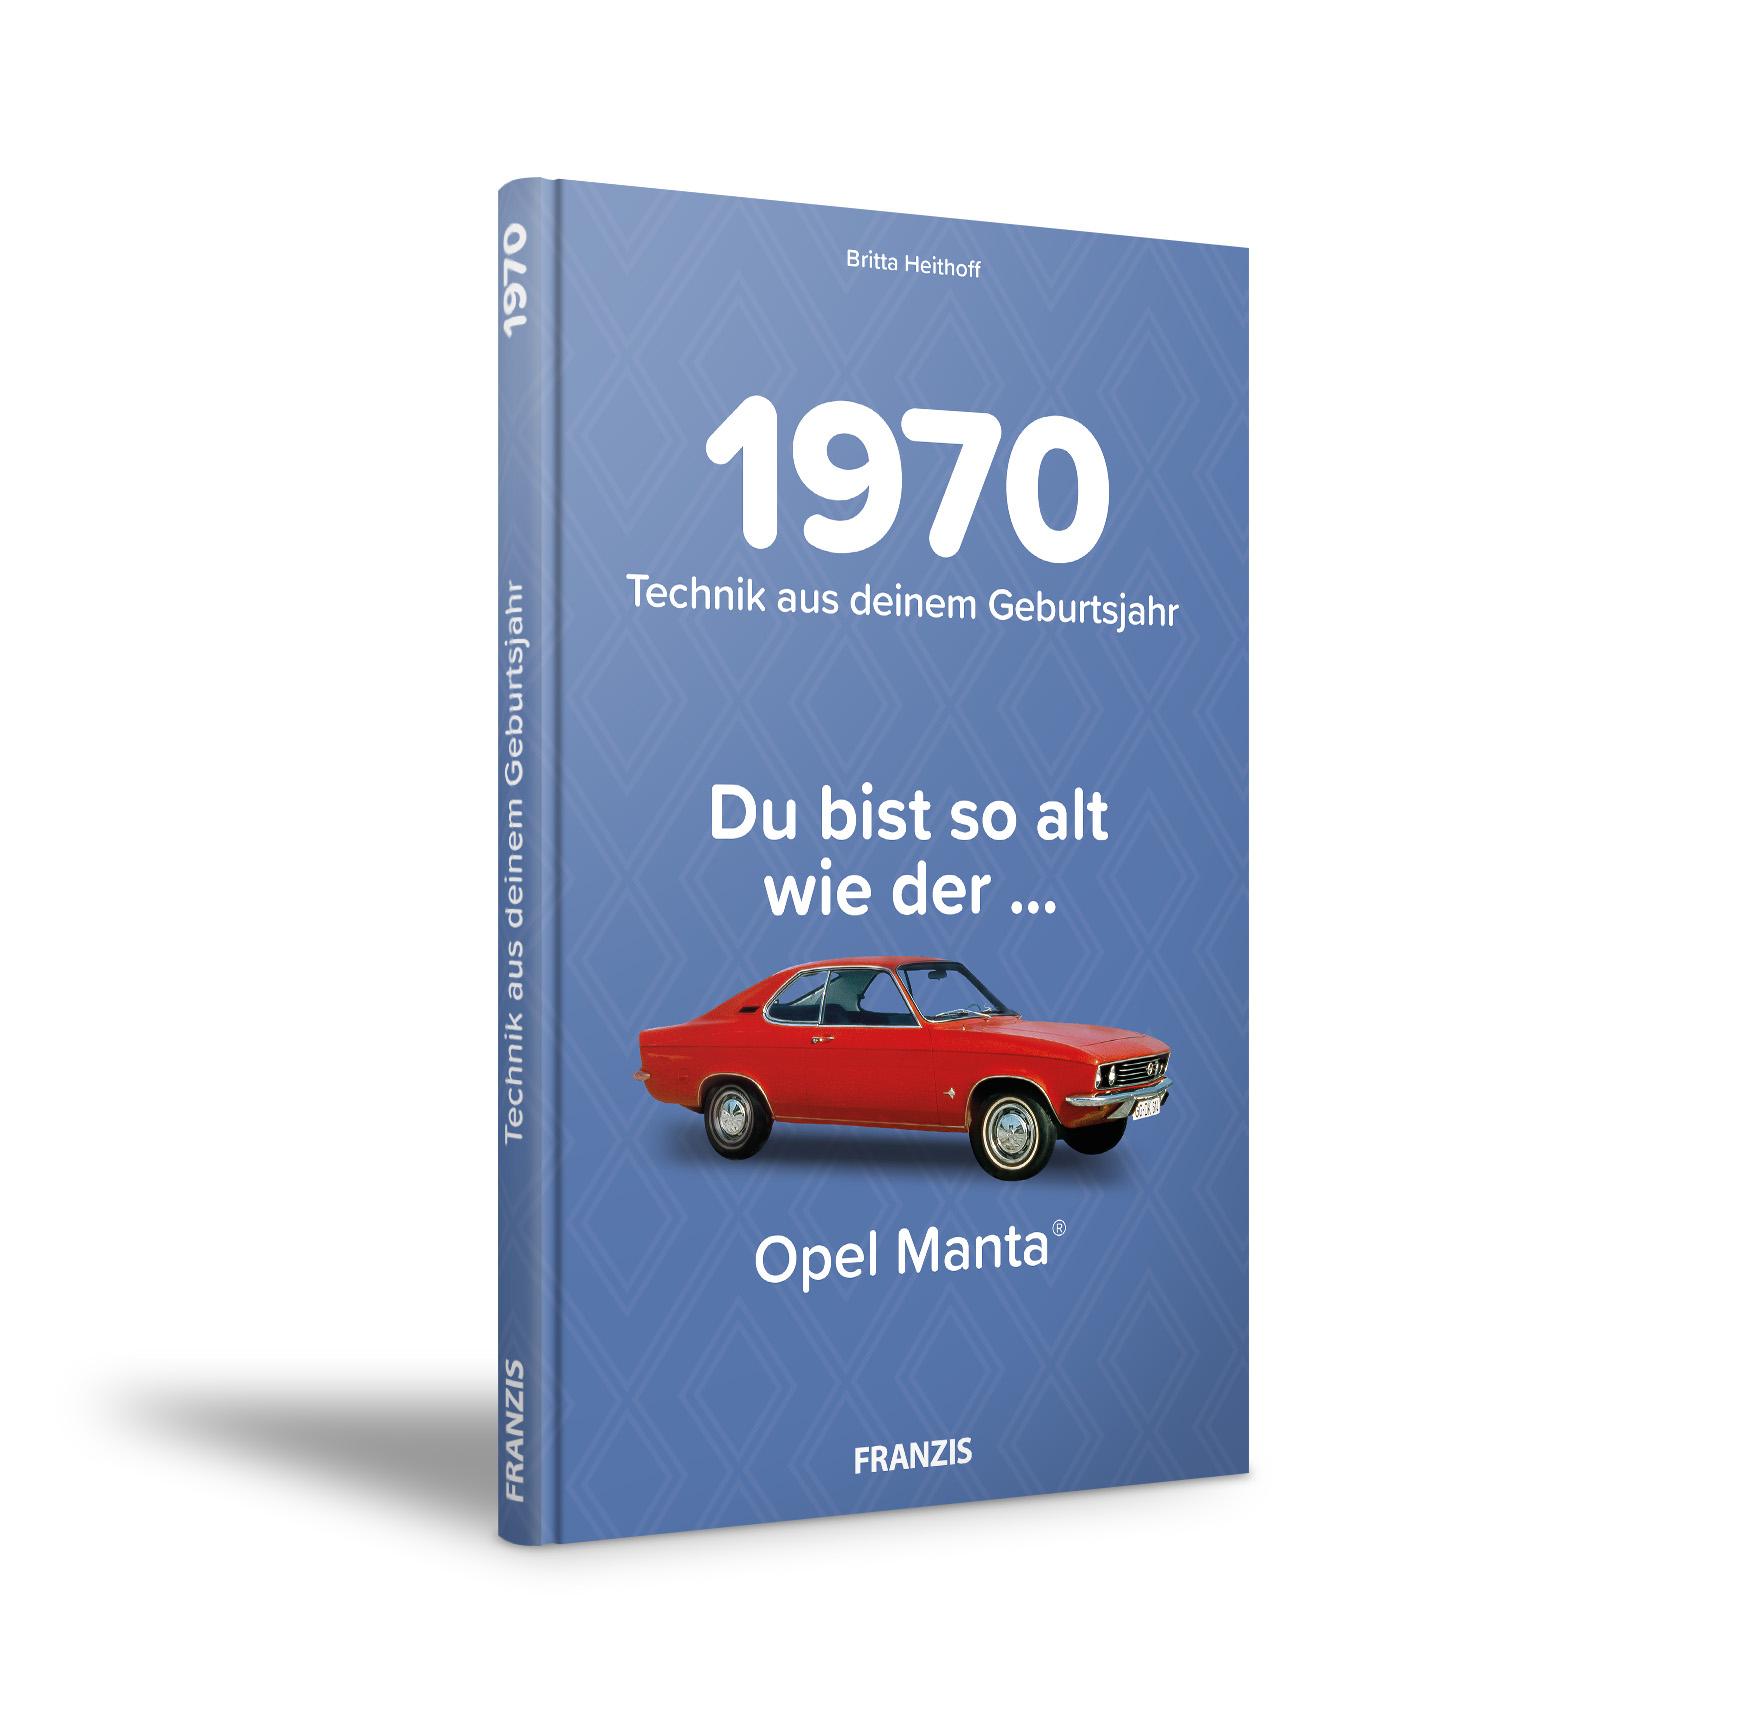 Titel des Buches 1970 – Du bist so als wie der Opel Manta